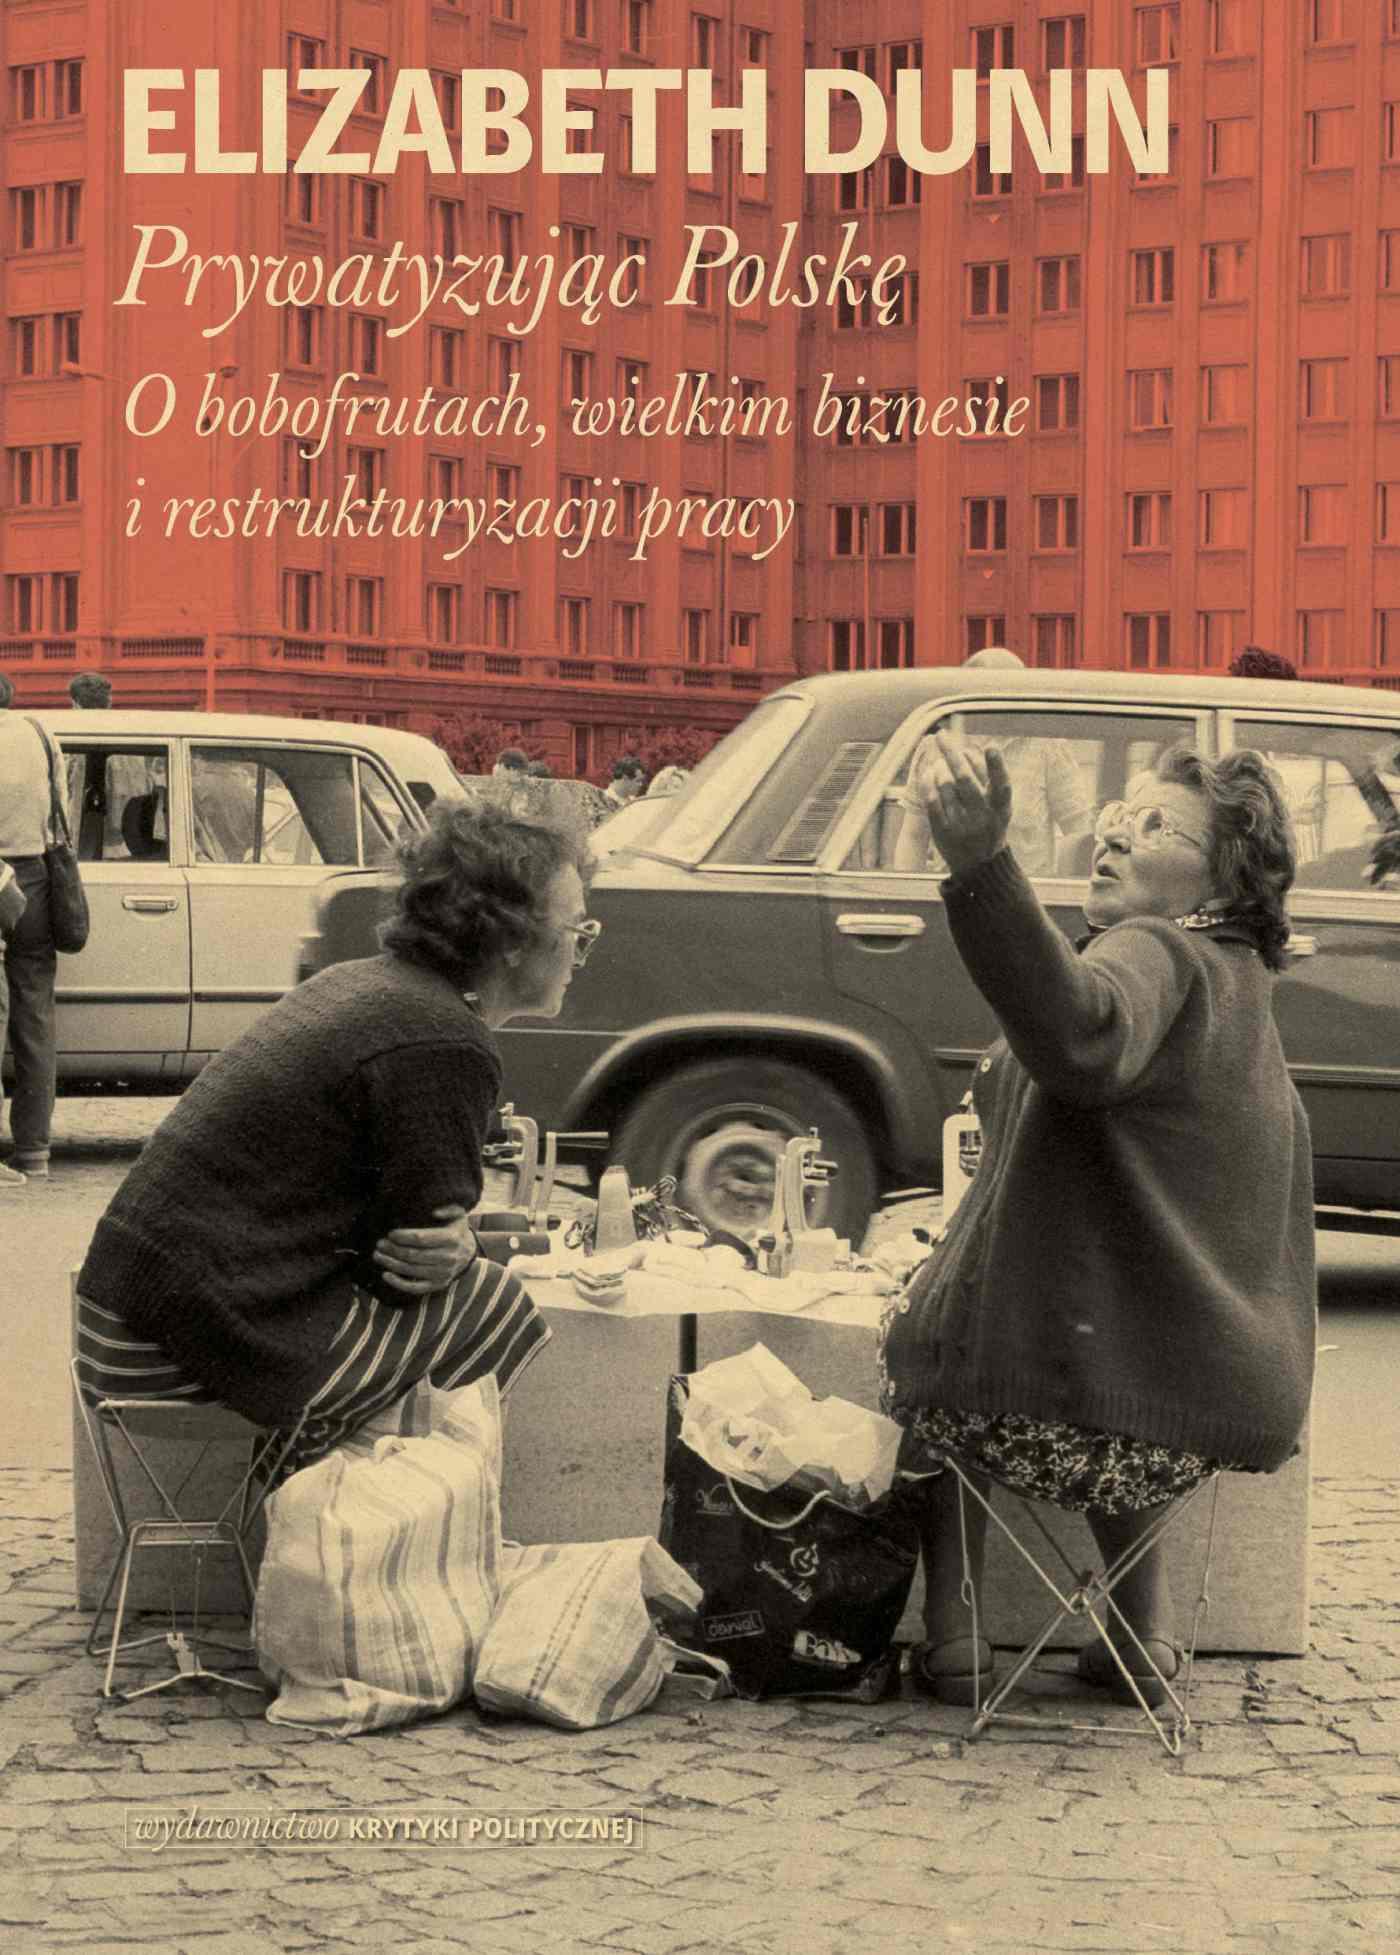 Prywatyzując Polskę. O bobofrutach, wielkim biznesie i restrukturyzacji pracy - Ebook (Książka EPUB) do pobrania w formacie EPUB